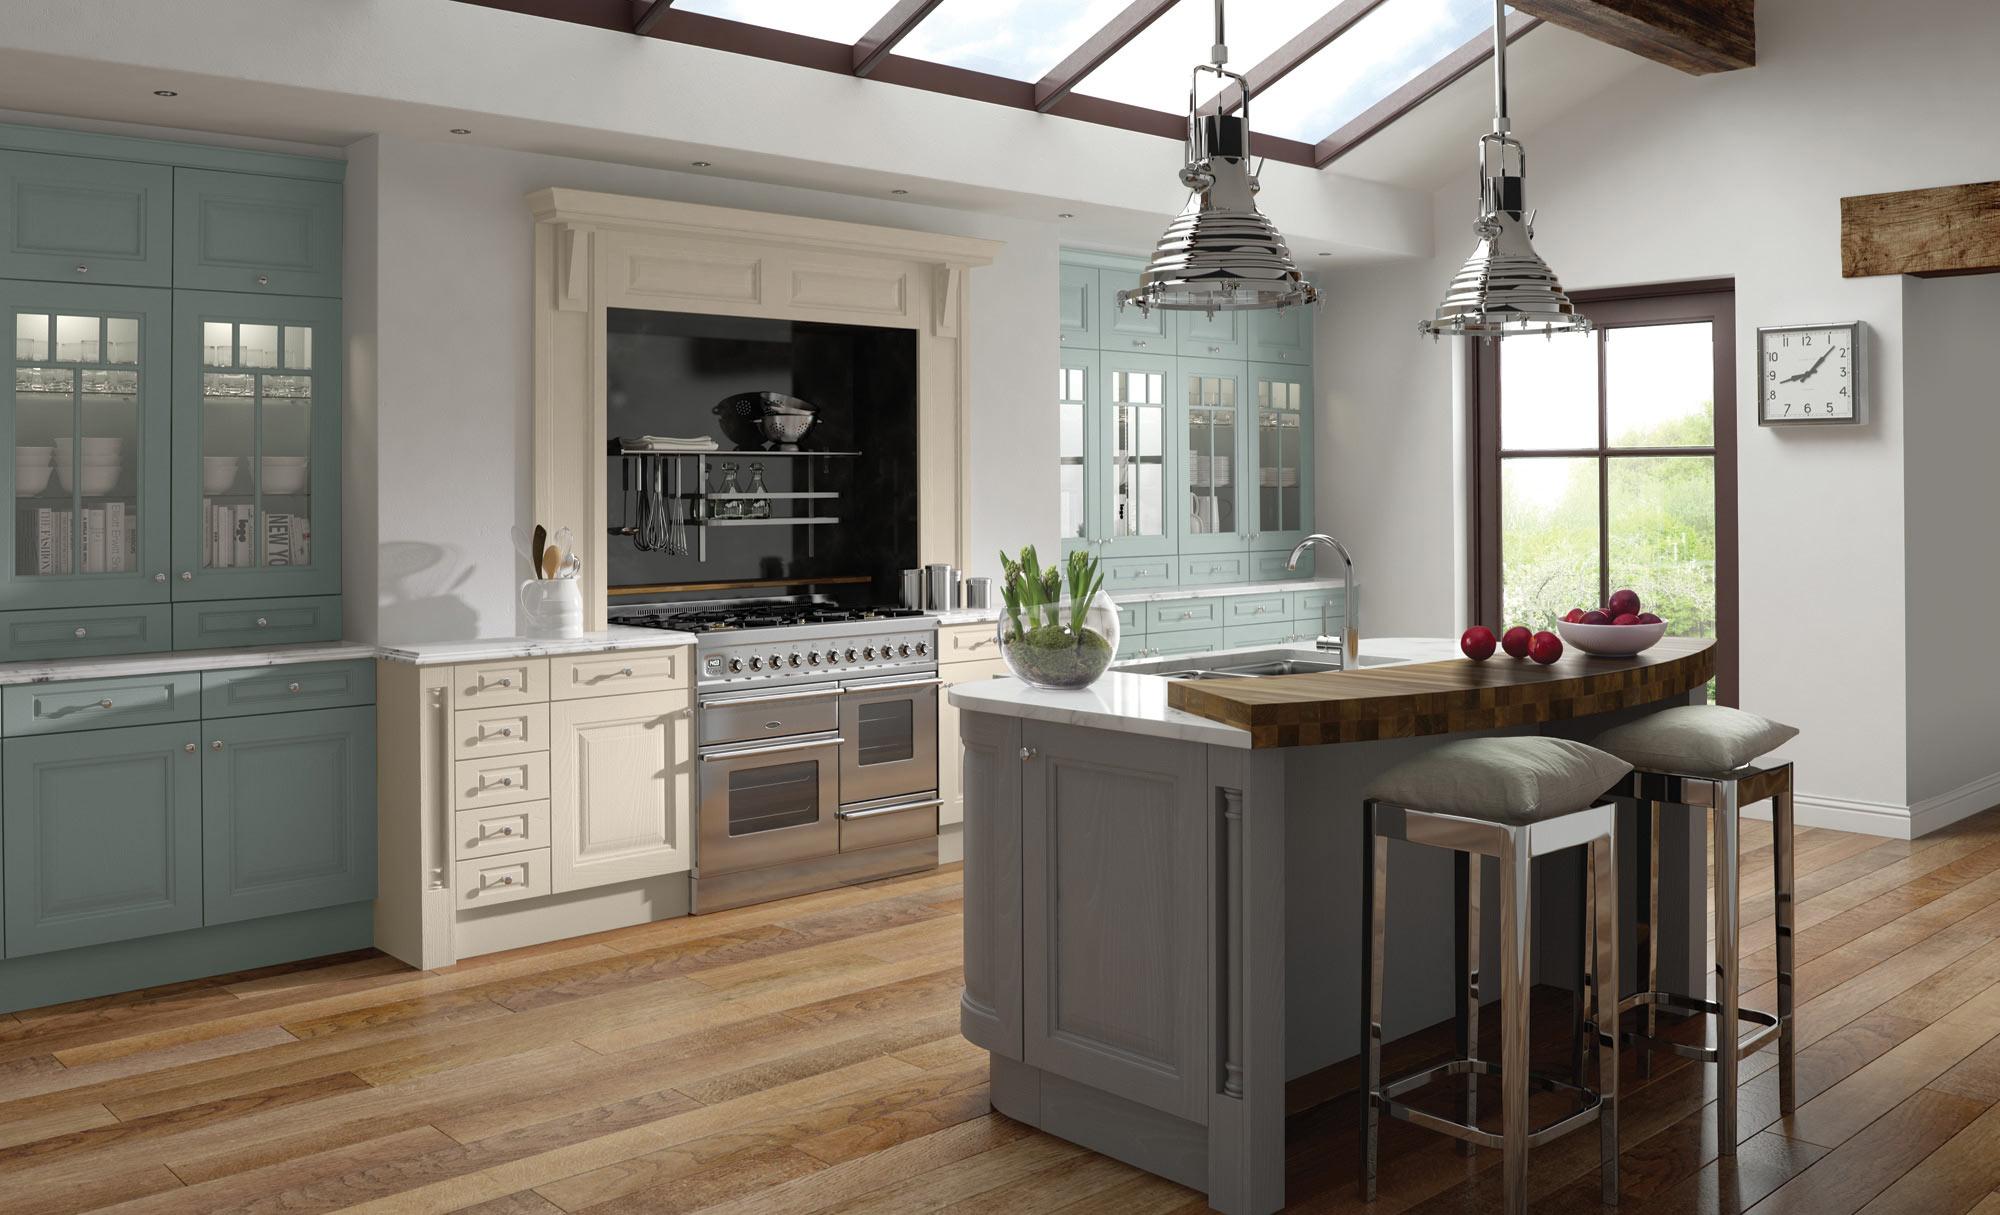 Uform Jefferson Ivory, Powder Blue & Dust Grey Kitchen